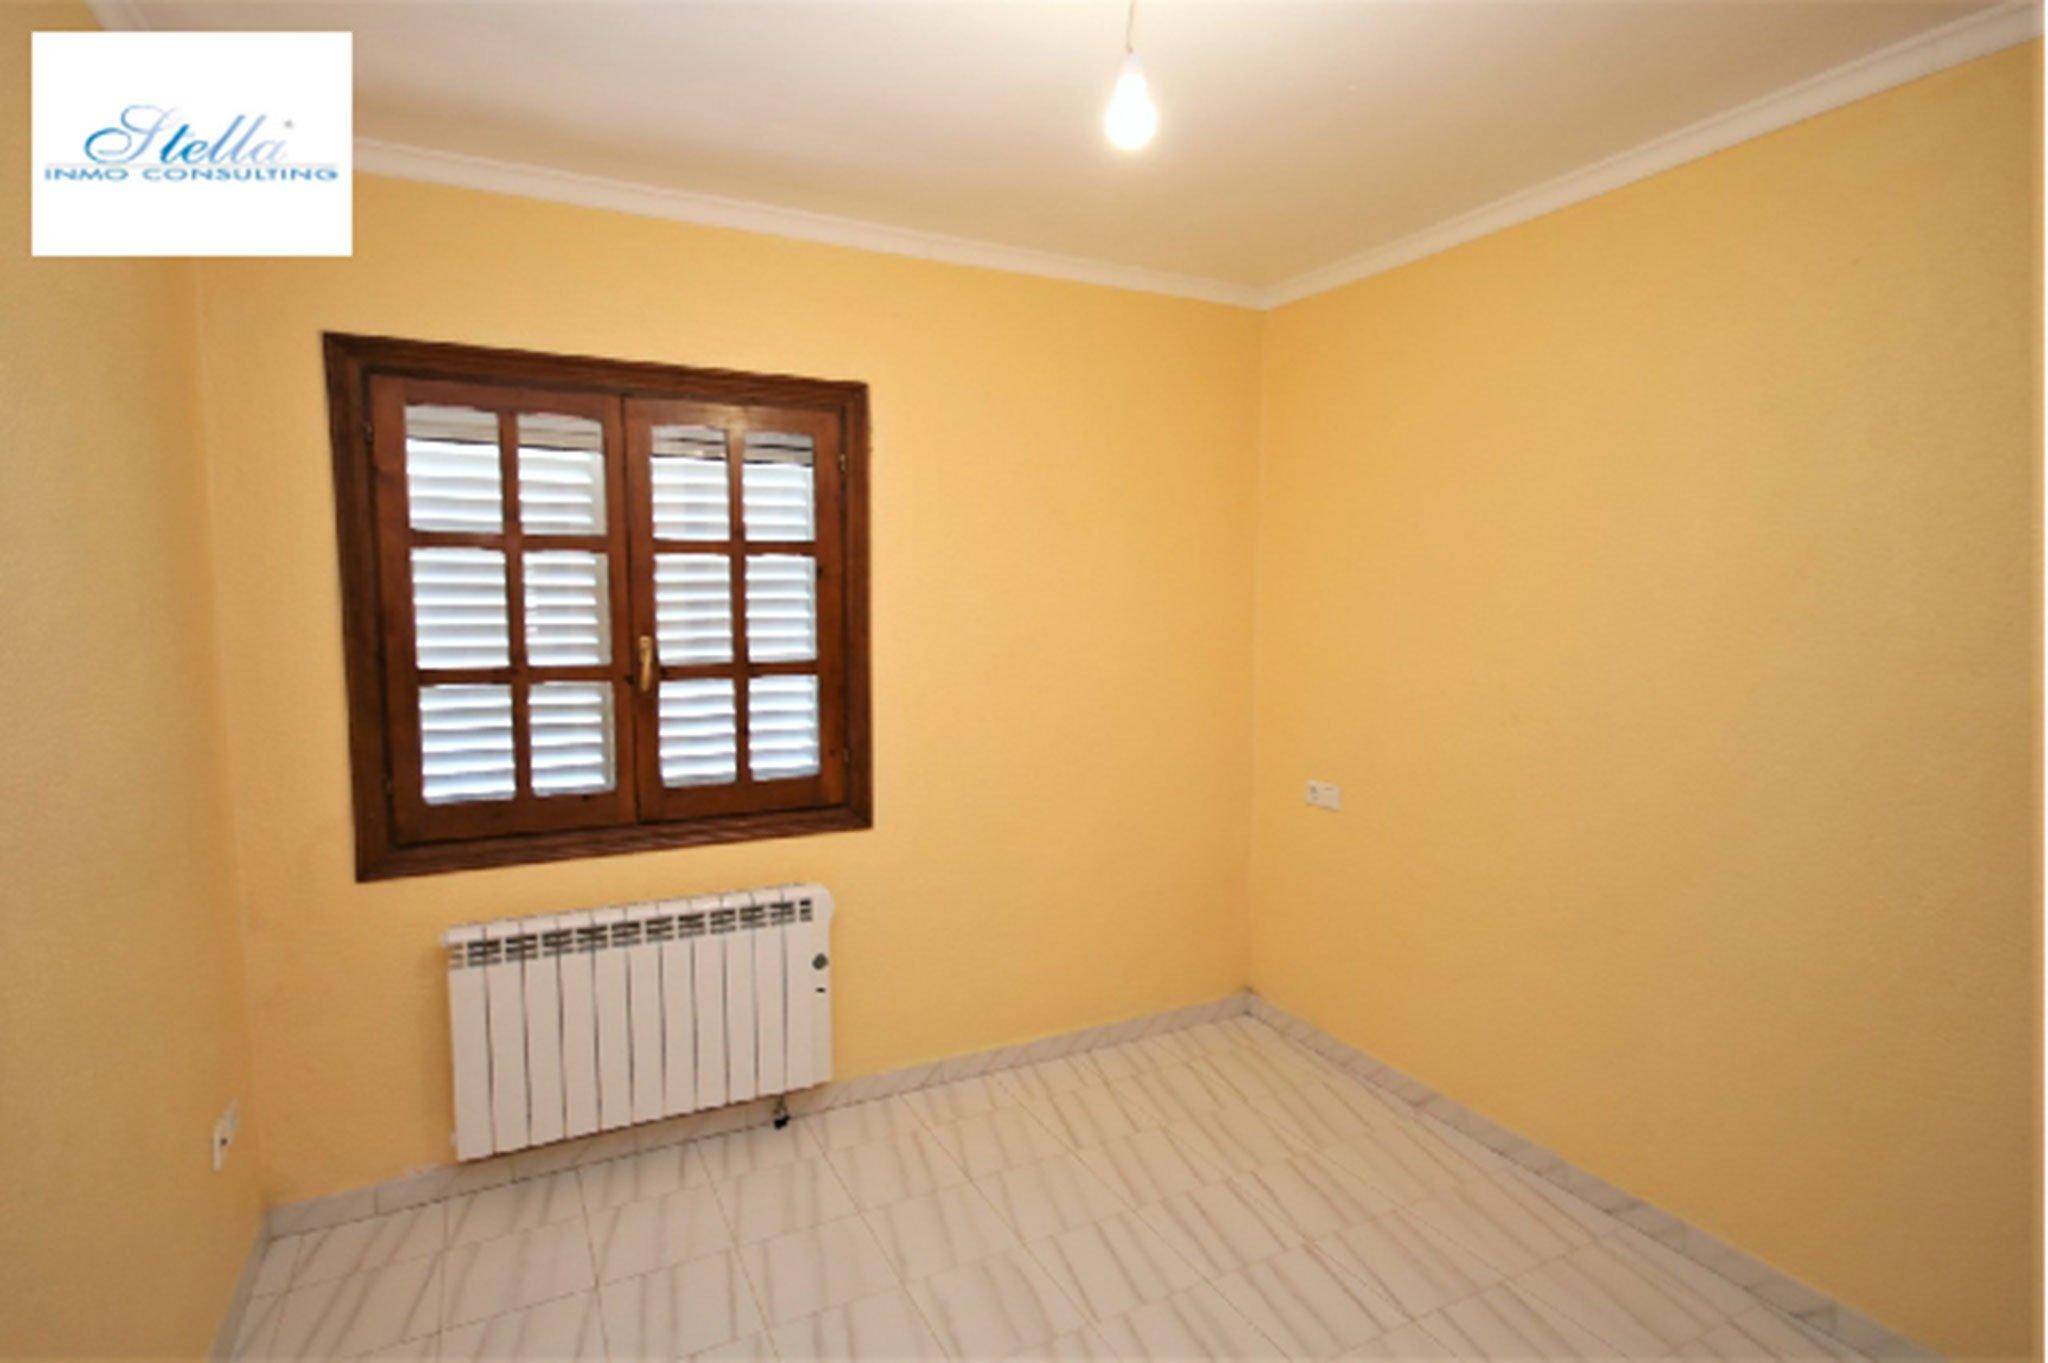 Habitació d'una casa a la venda a La Sella, Pedreguer - Stella Inmo Consulting